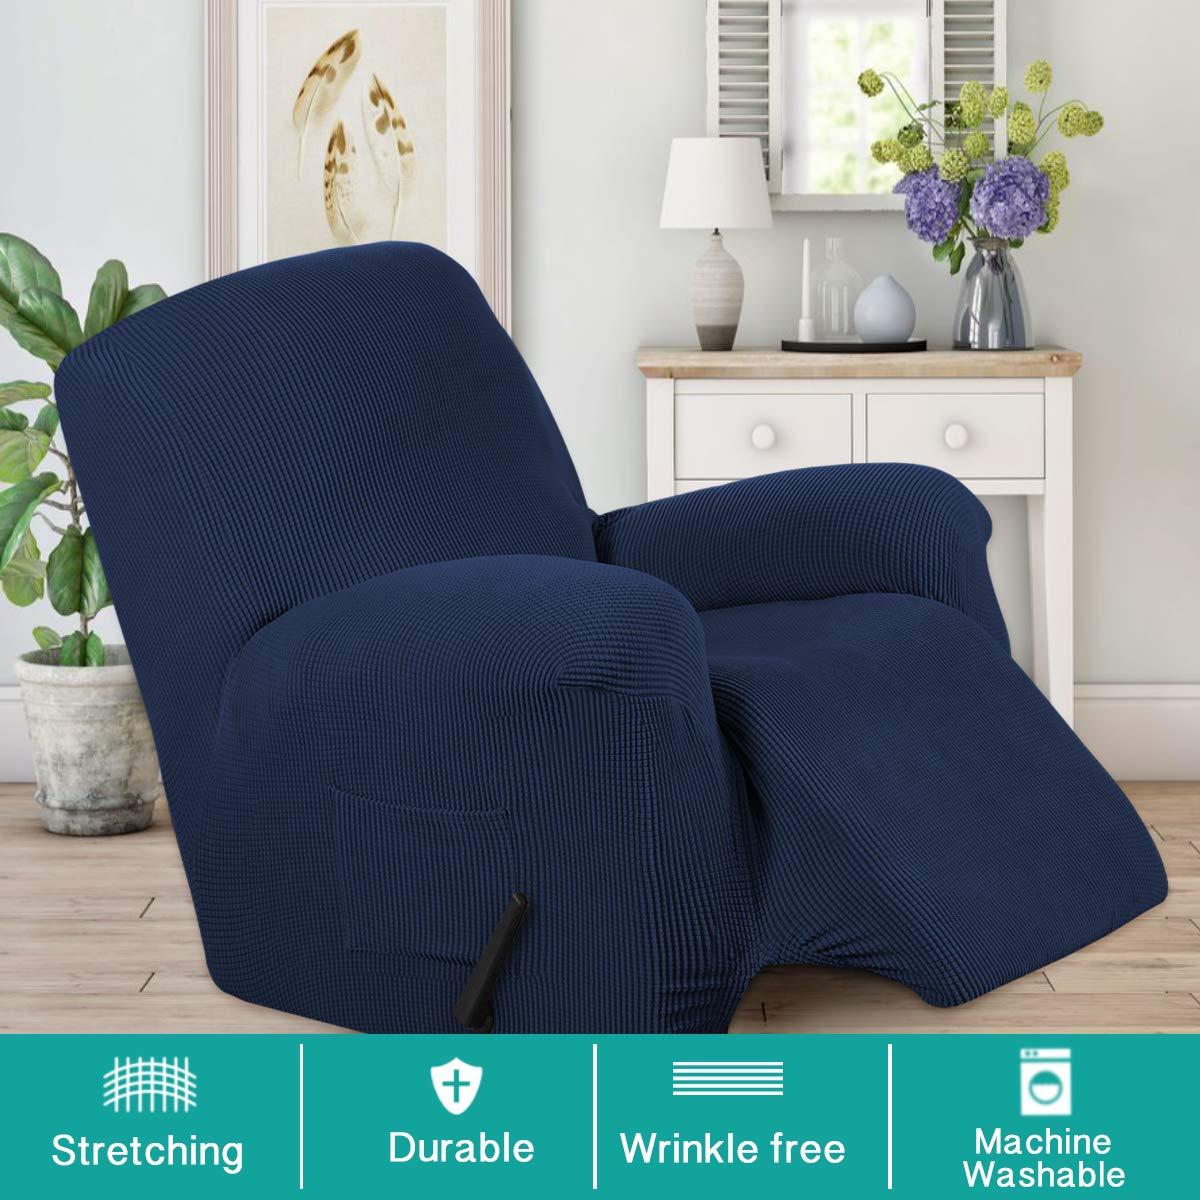 Amazon.com: Funda para sillón reclinable con bolsillos ...